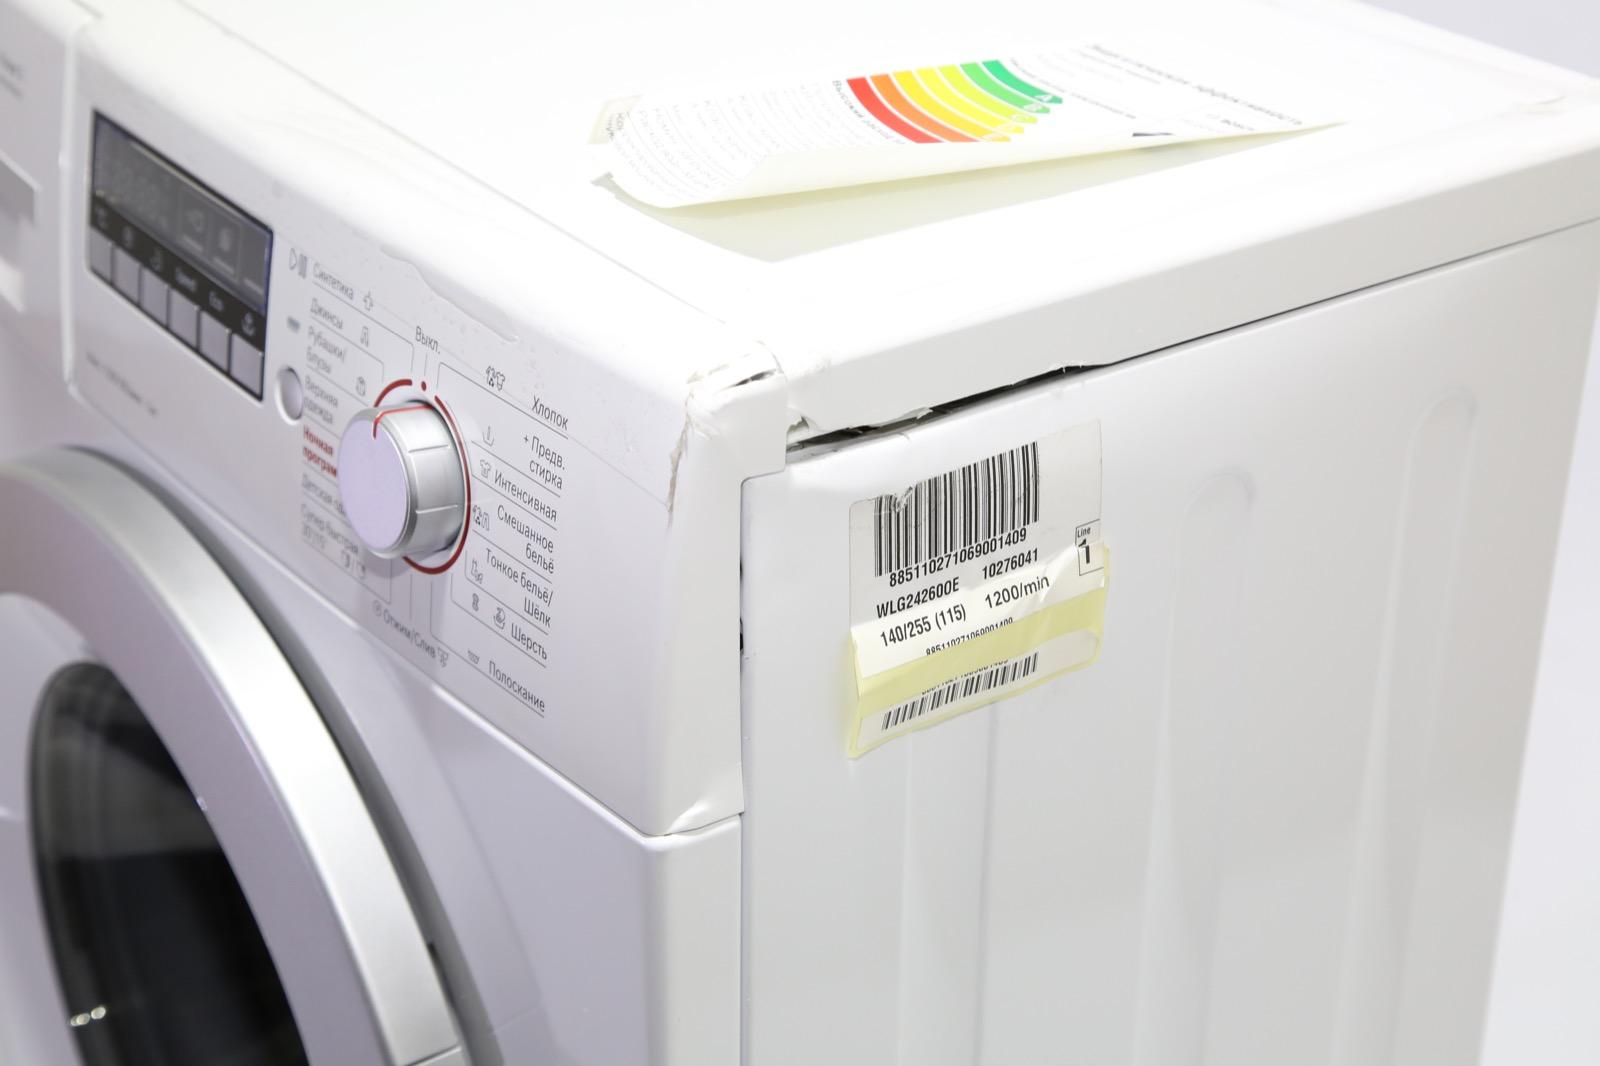 Ремонт Bosch WLG ремонт стиральных машин электролюкс Улица Академика Семёнова